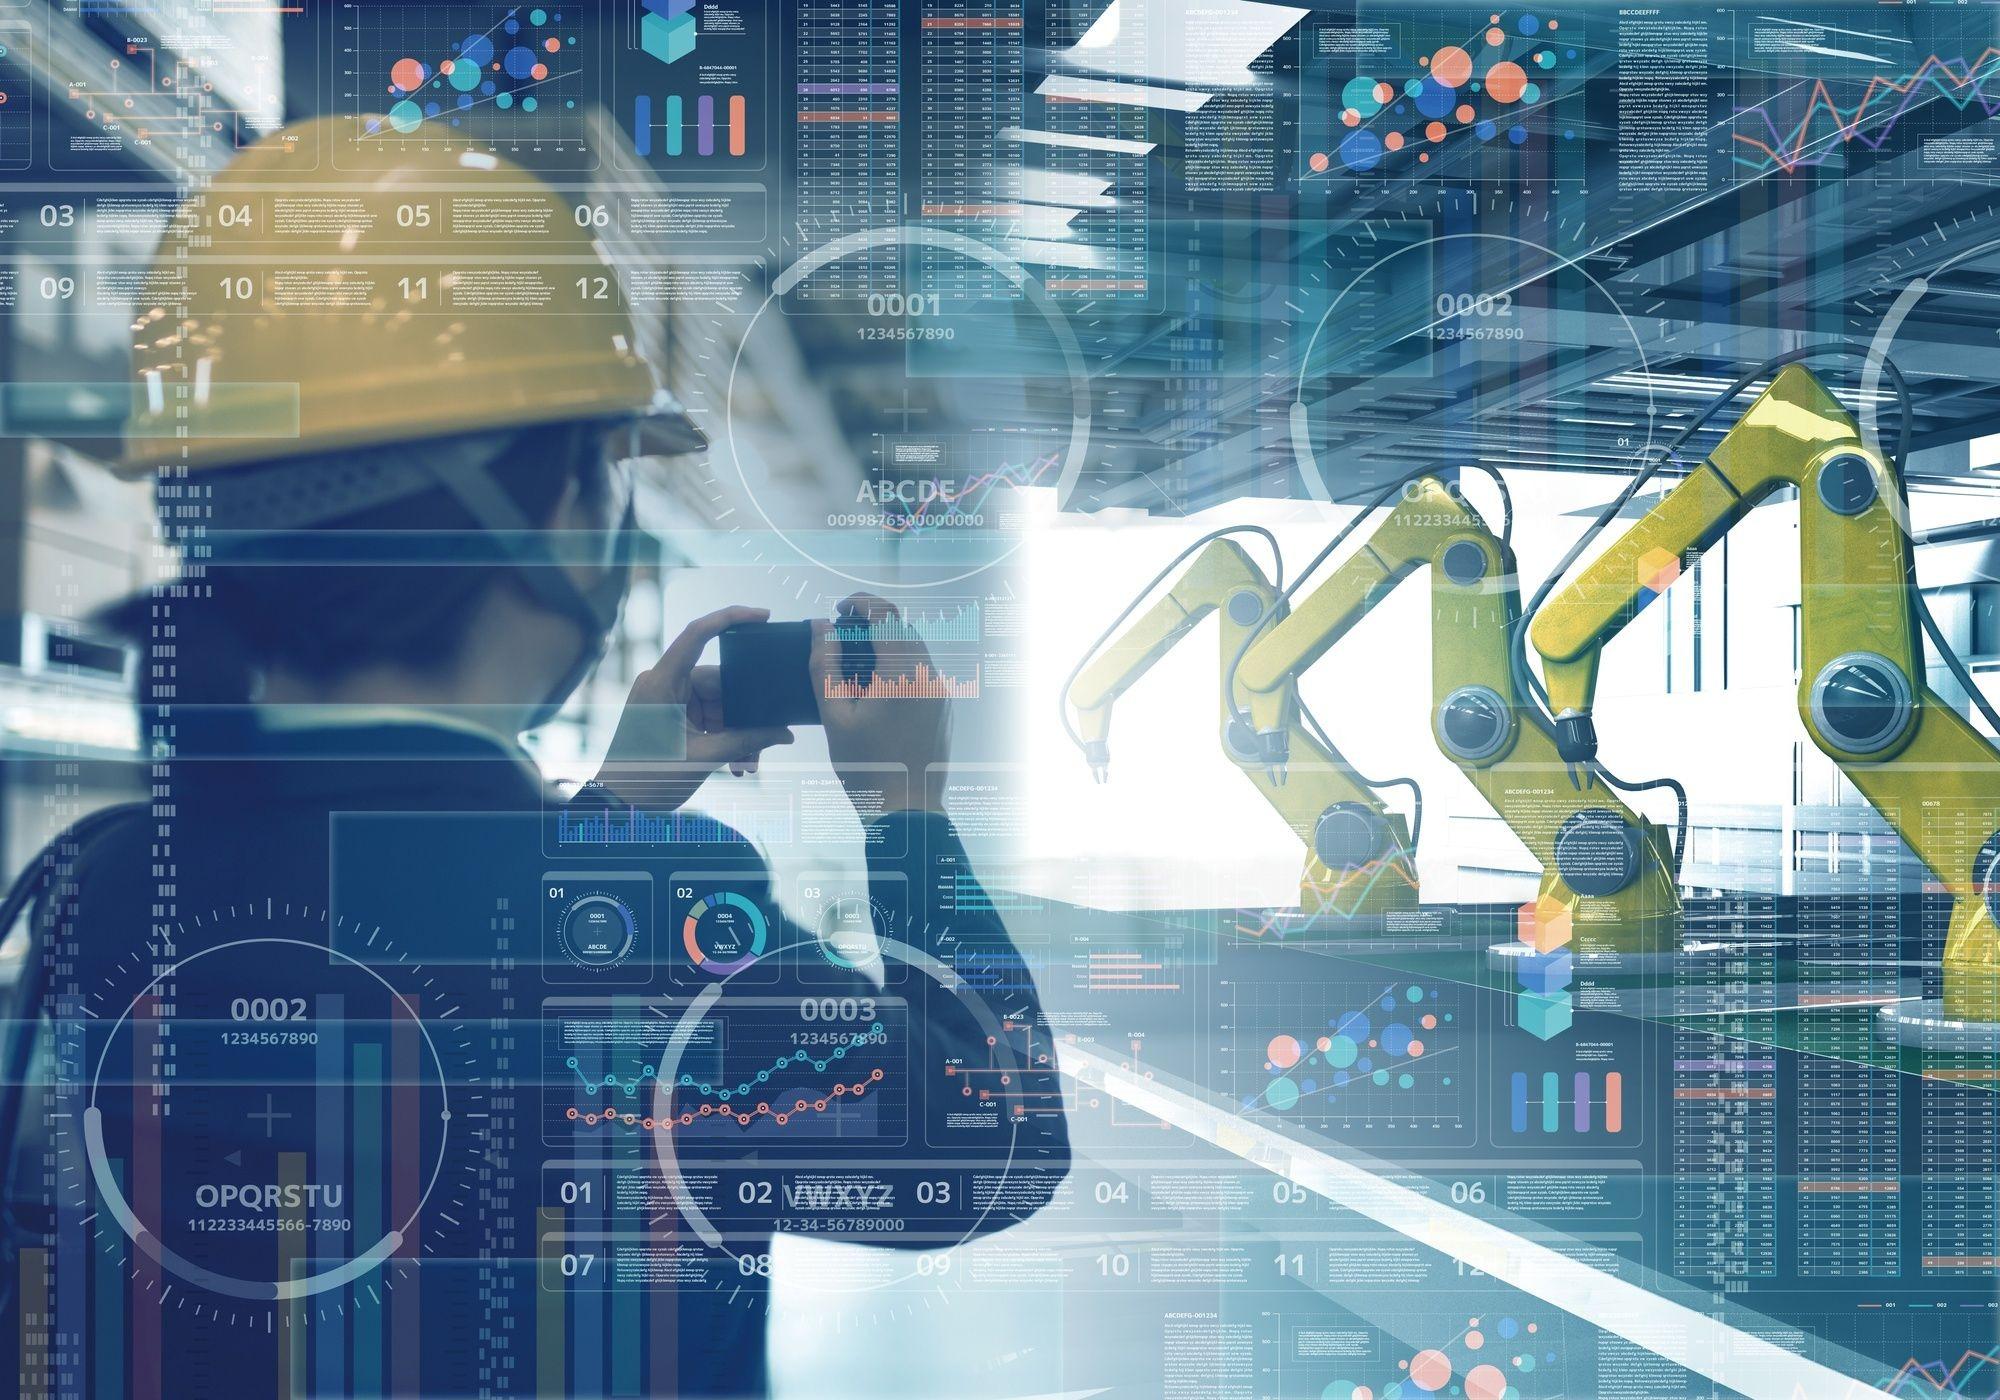 産業用ロボット受注、2四半期ぶりに増加へ転じる